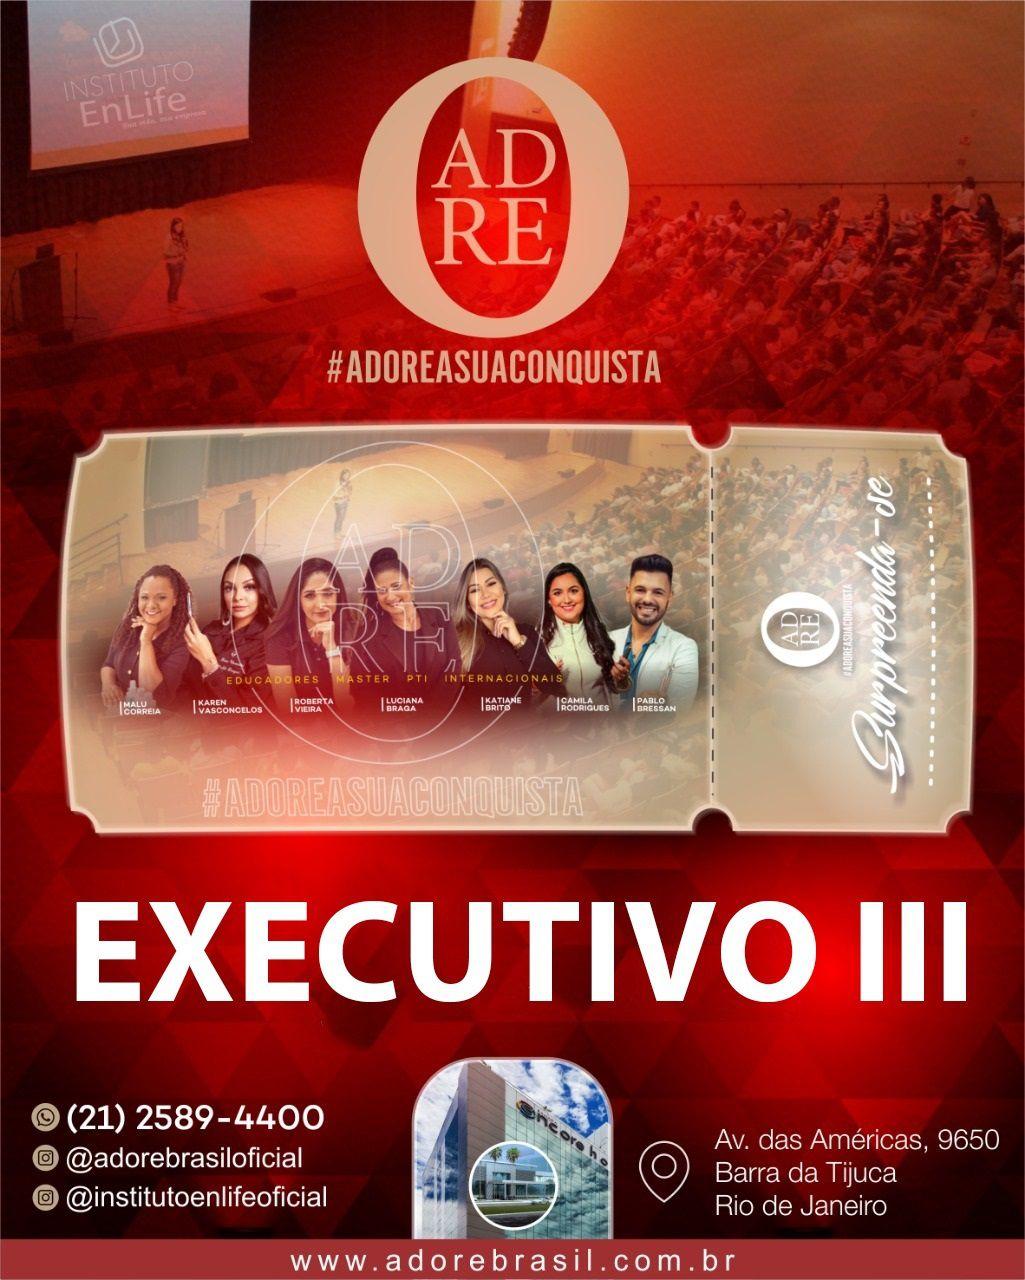 INGRESSO EXECUTIVO III PARA O EVENTO #ADOREASUACONQUISTA